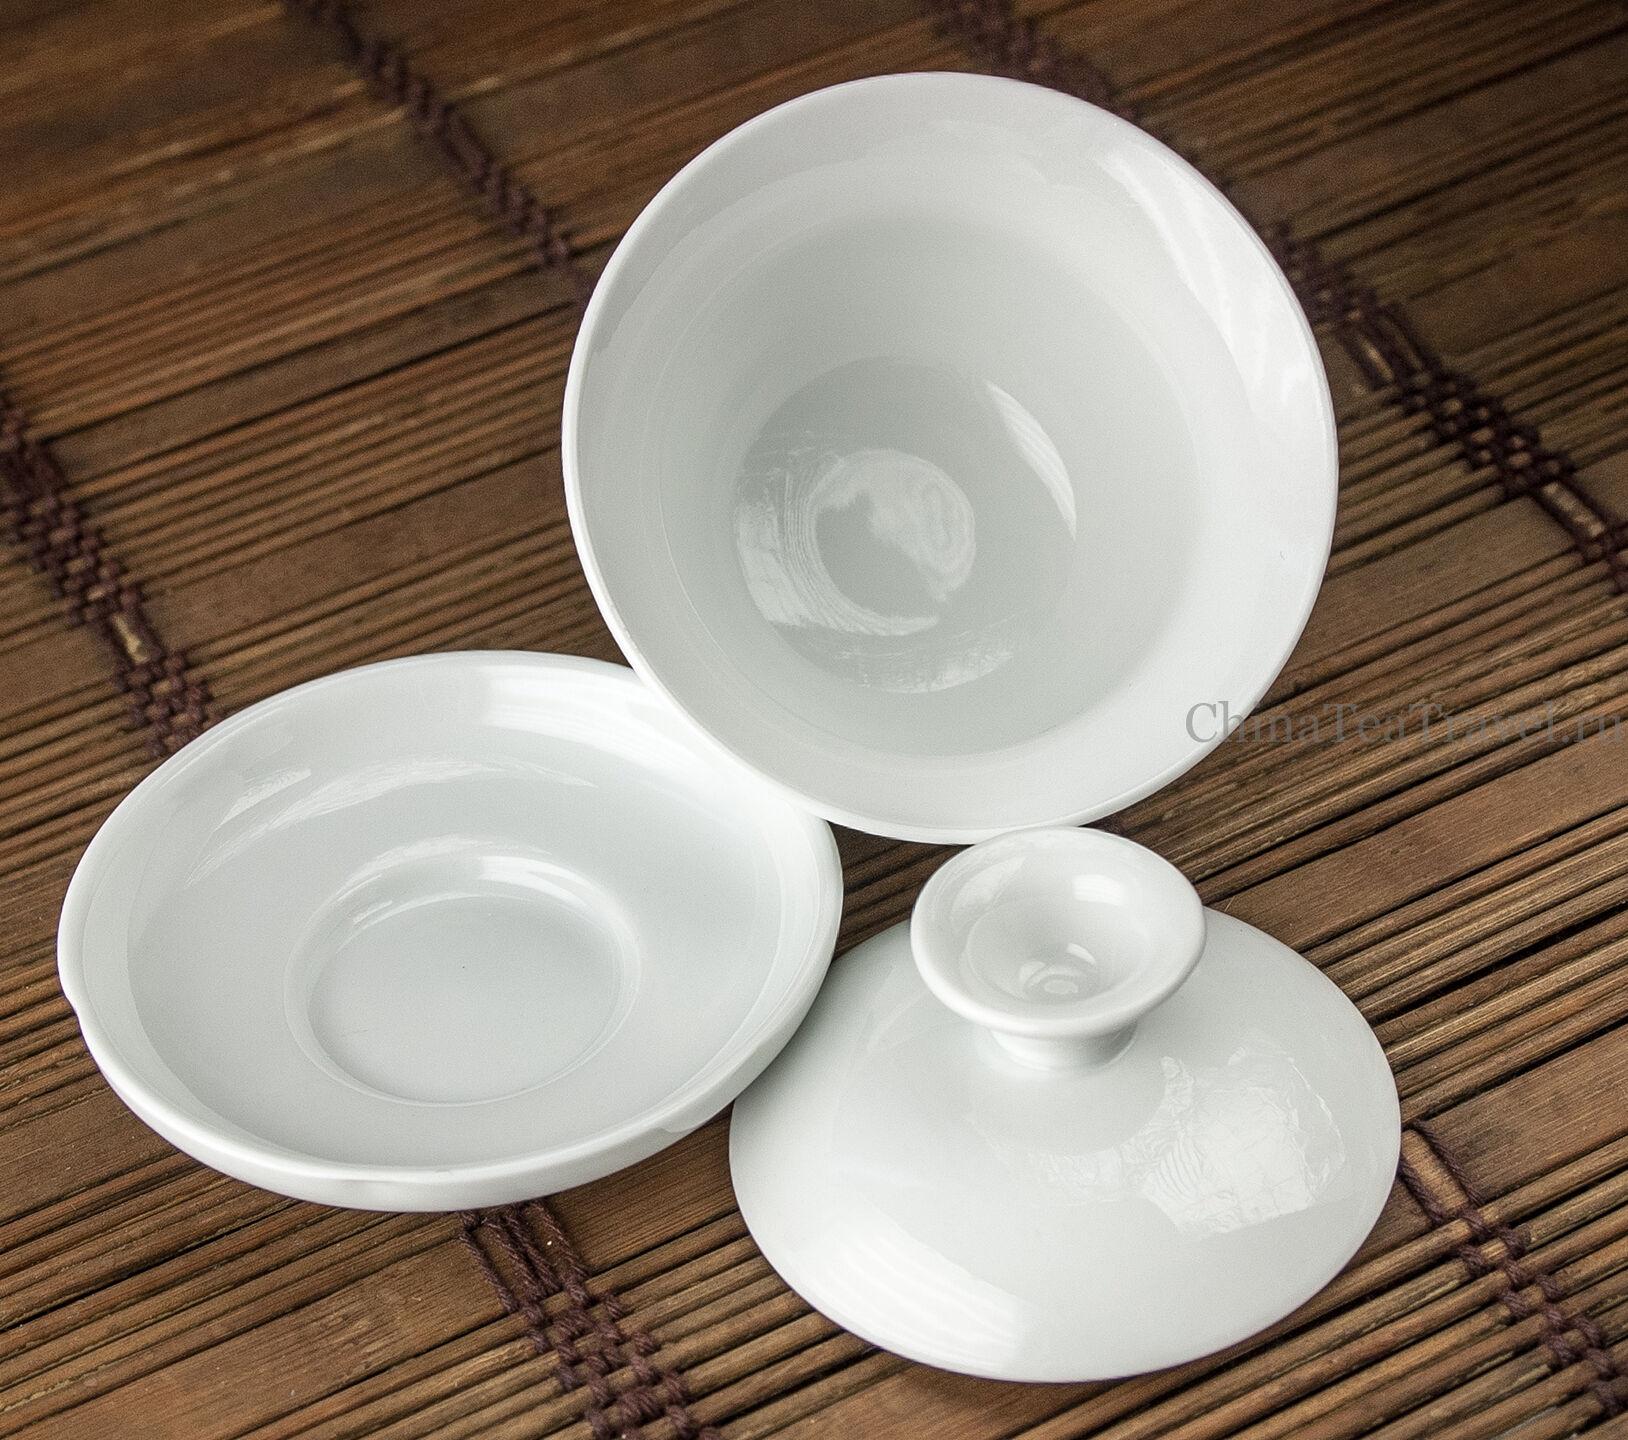 3 Гайвань титестера фарфоровая белая. 80 мл.